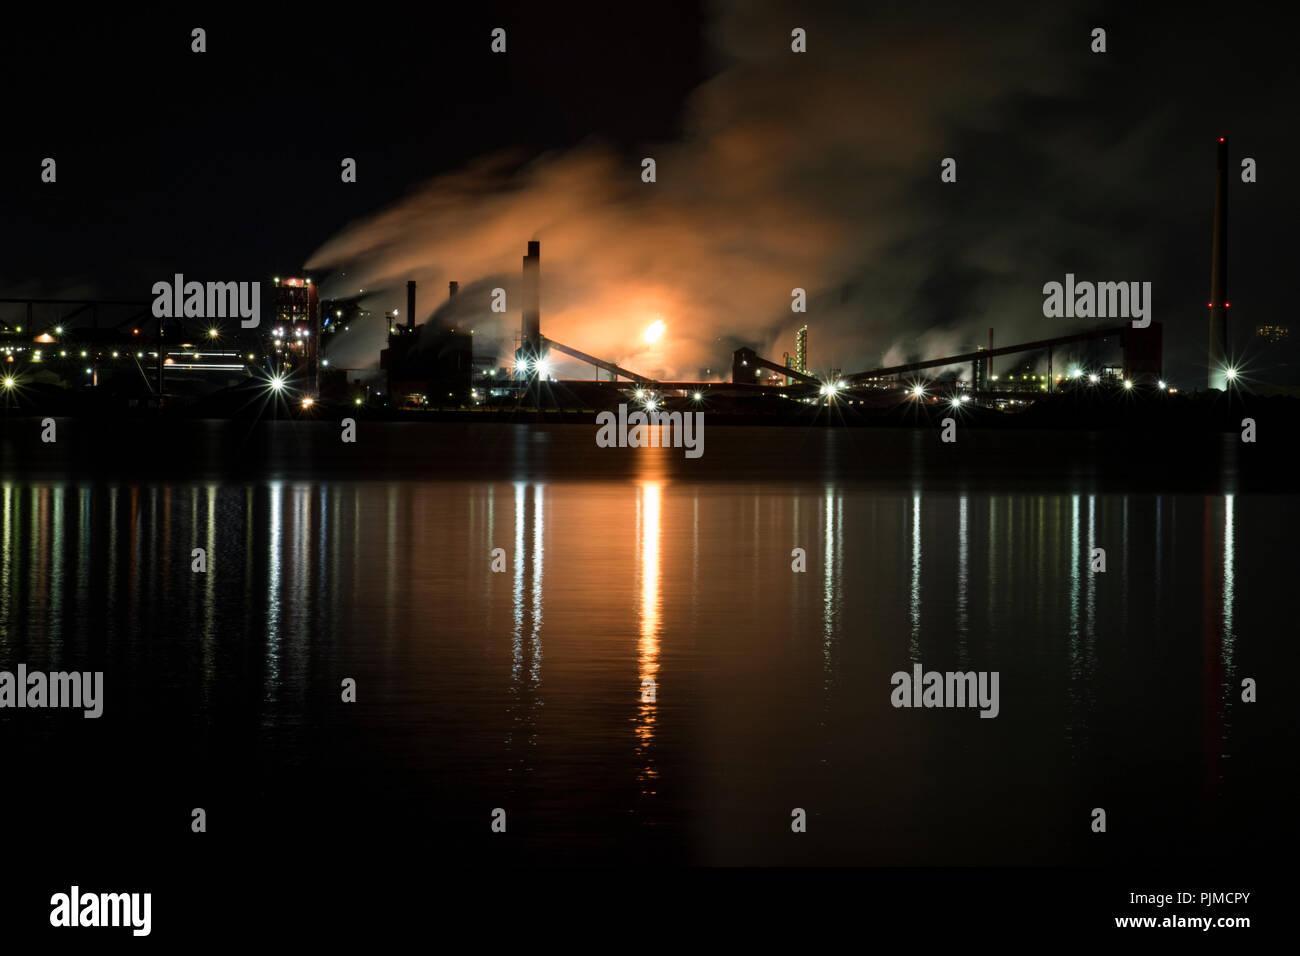 Las fábricas contaminantes y aumentar el calentamiento global. Ocupado en la acería industrial bombeo nocturno de humo en el medio ambiente. Foto de stock